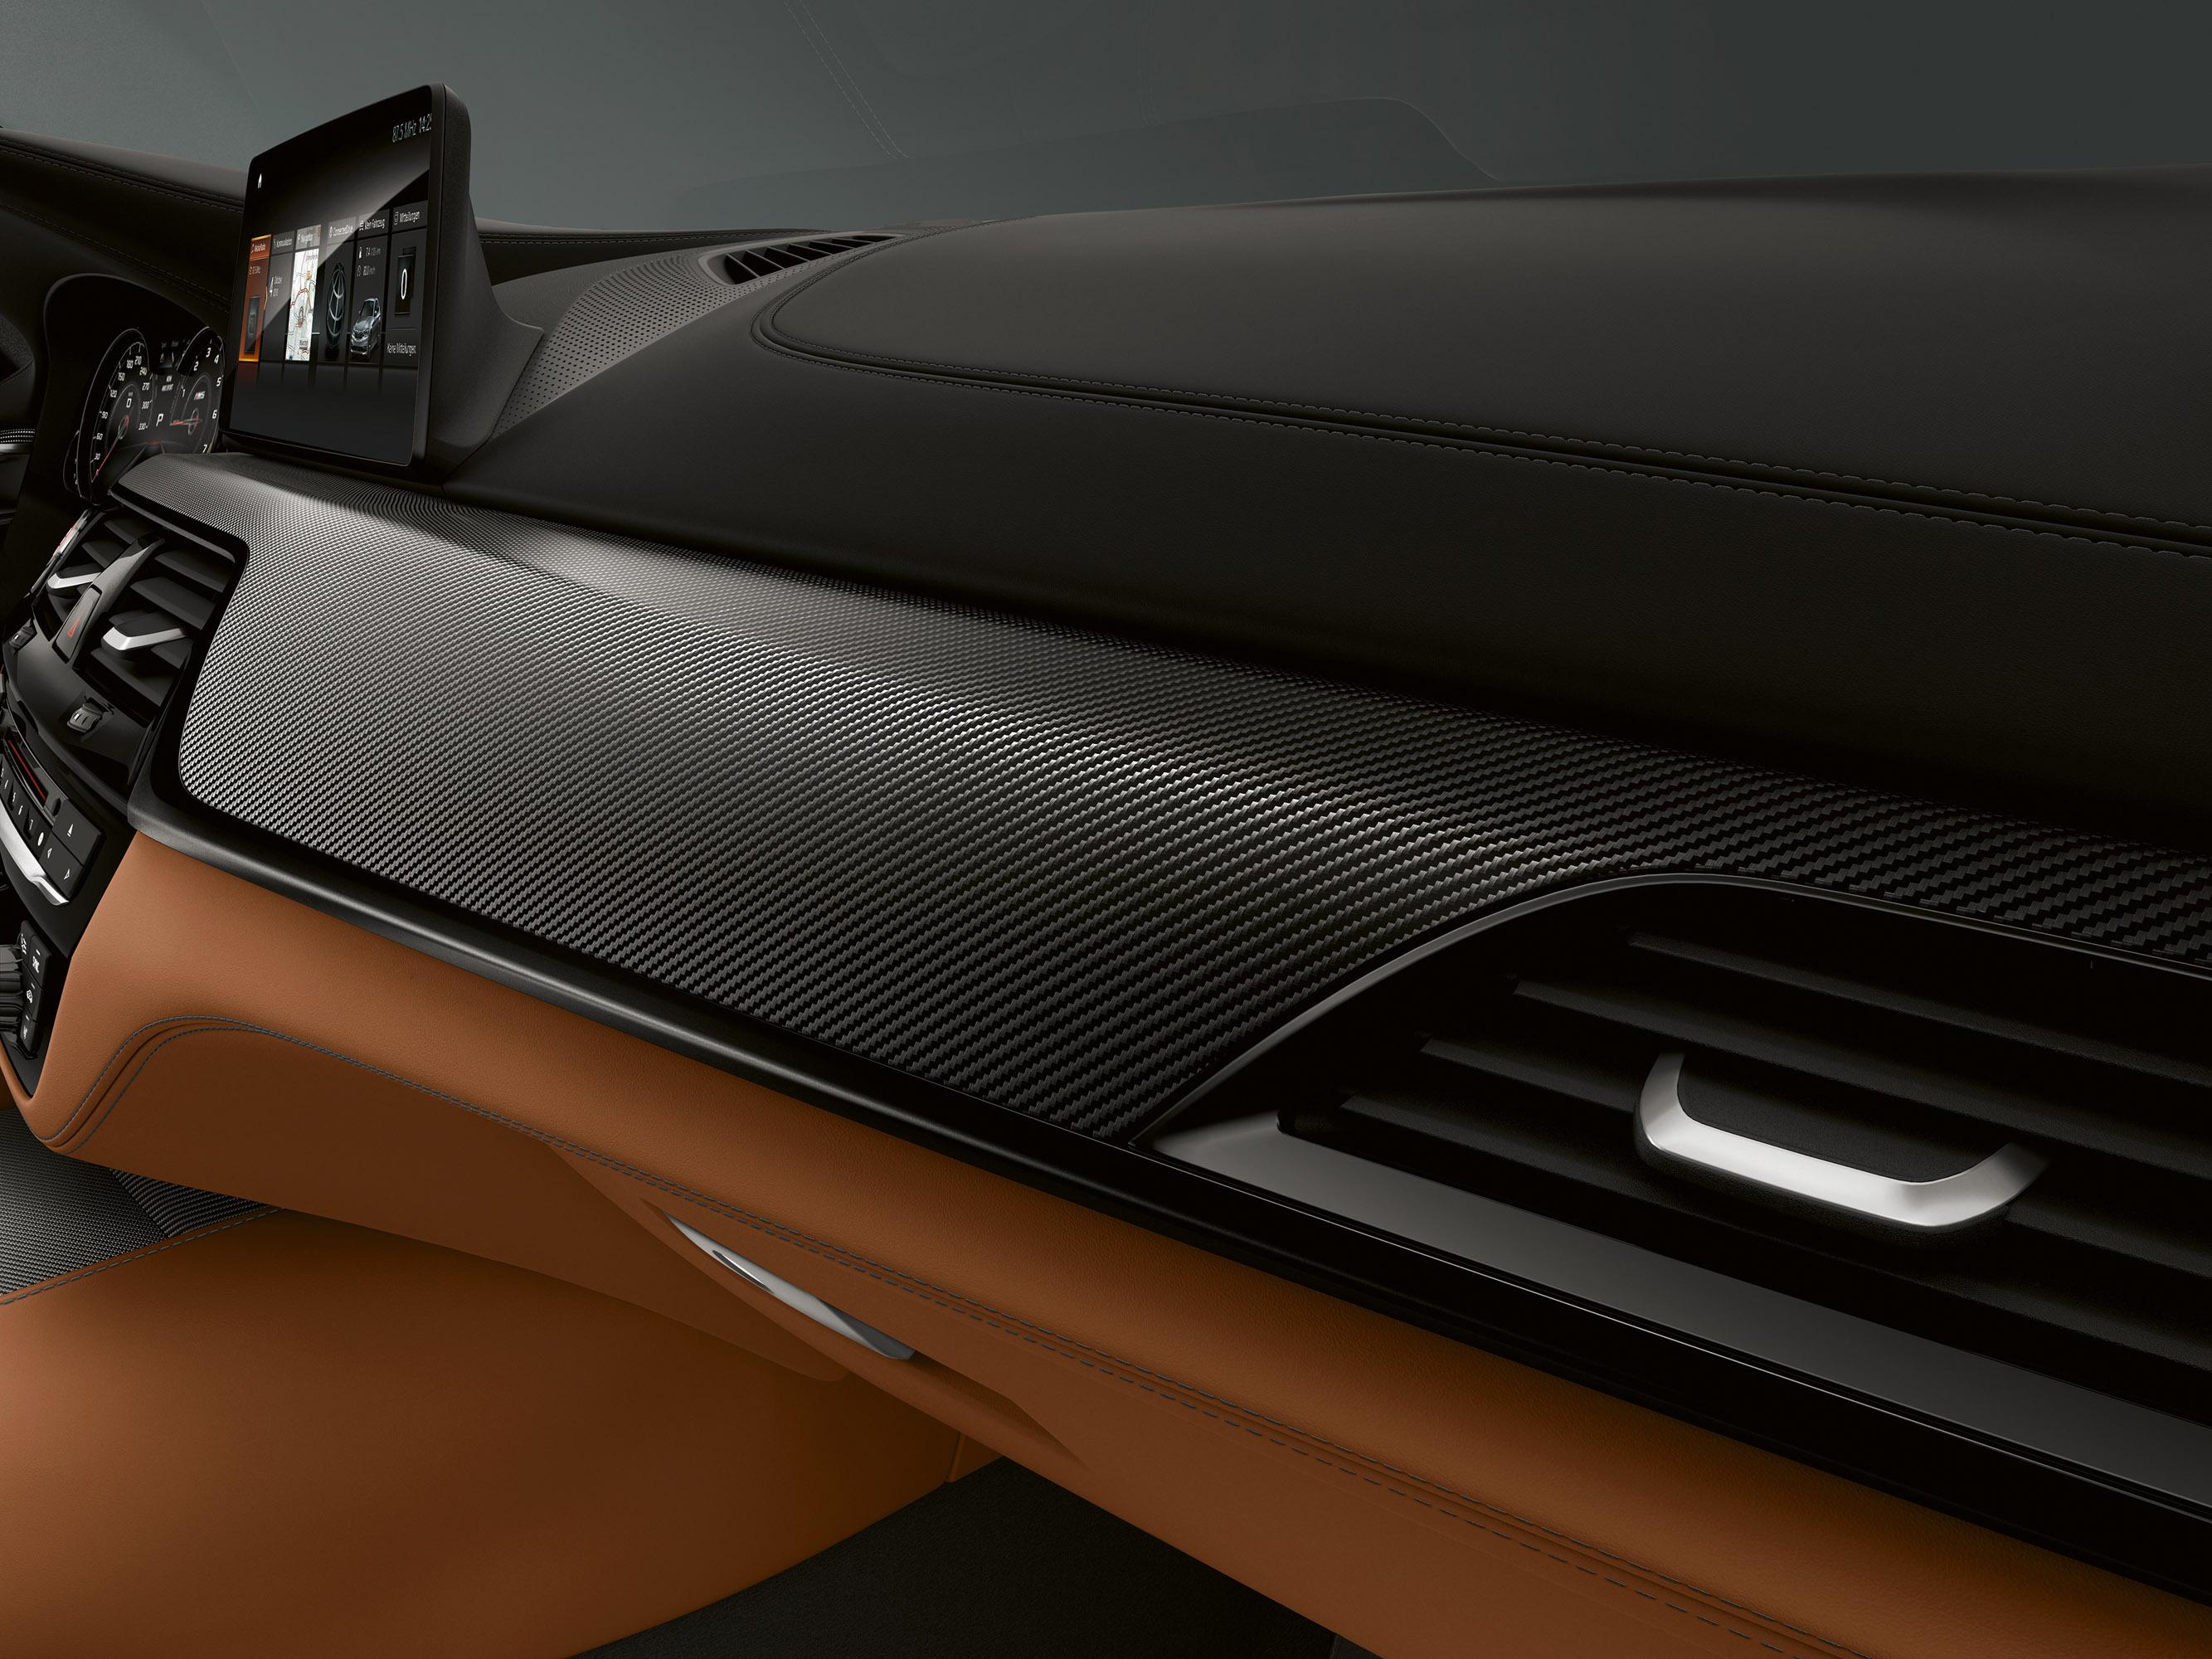 Что касается тормозной системы, то 2019 BMW M5 Competition поставляется с шестипоршневыми фиксированными суппортами и перфорированными внутренними вентилируемыми дисками на передних колесах и однопоршневыми плавающими суппортами со встроенным стояноч